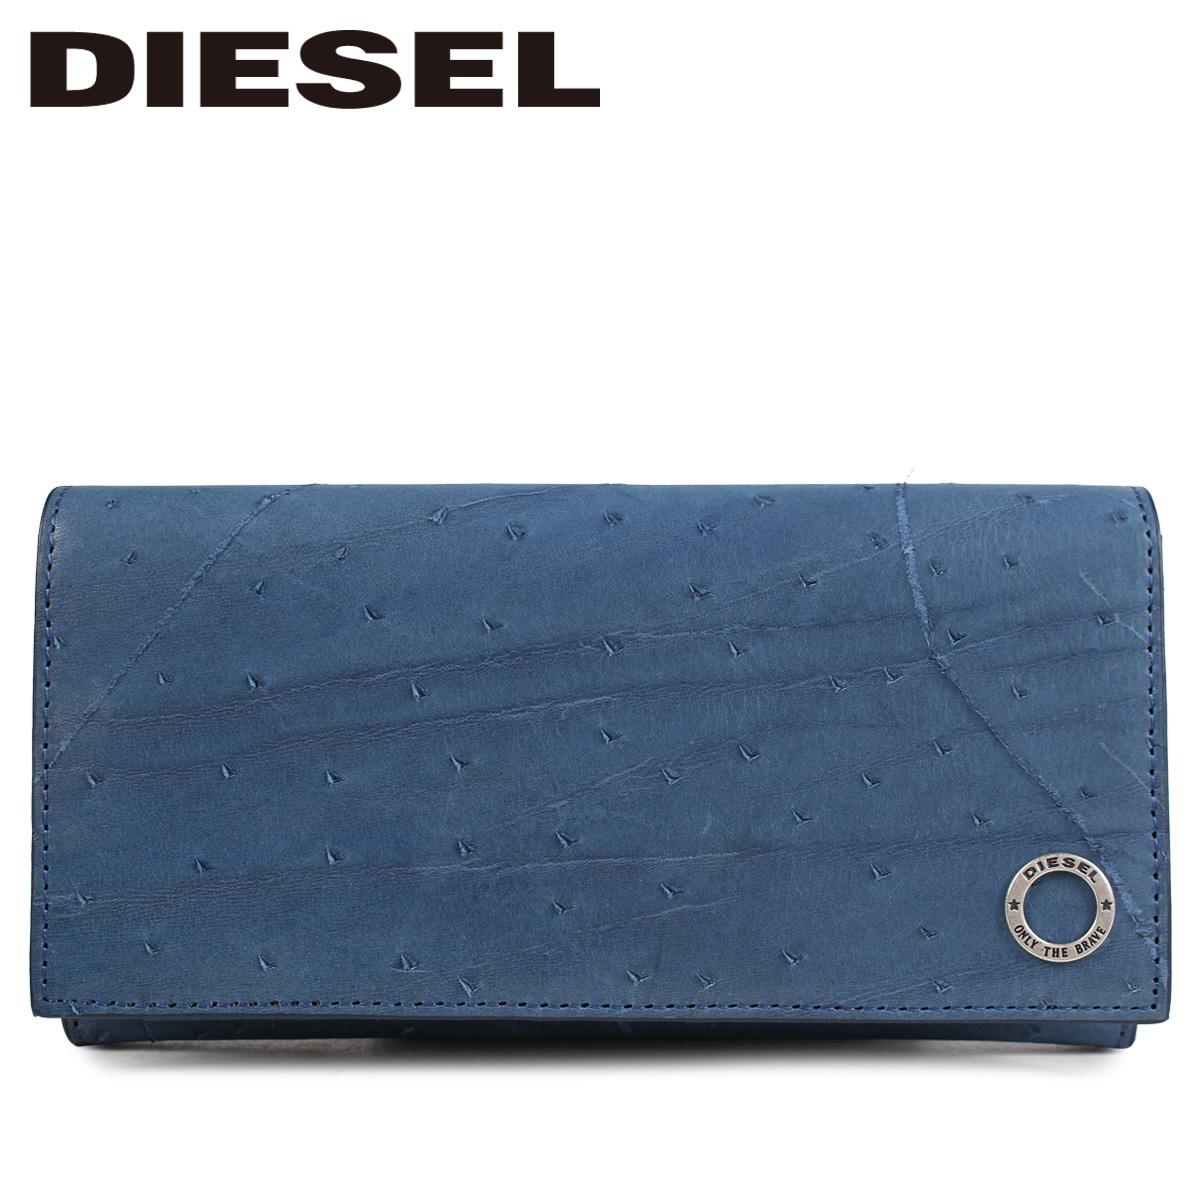 DIESEL ディーゼル 財布 長財布 メンズ 二つ折り KURACAO 24 A DAY ブルー X05826 PR080